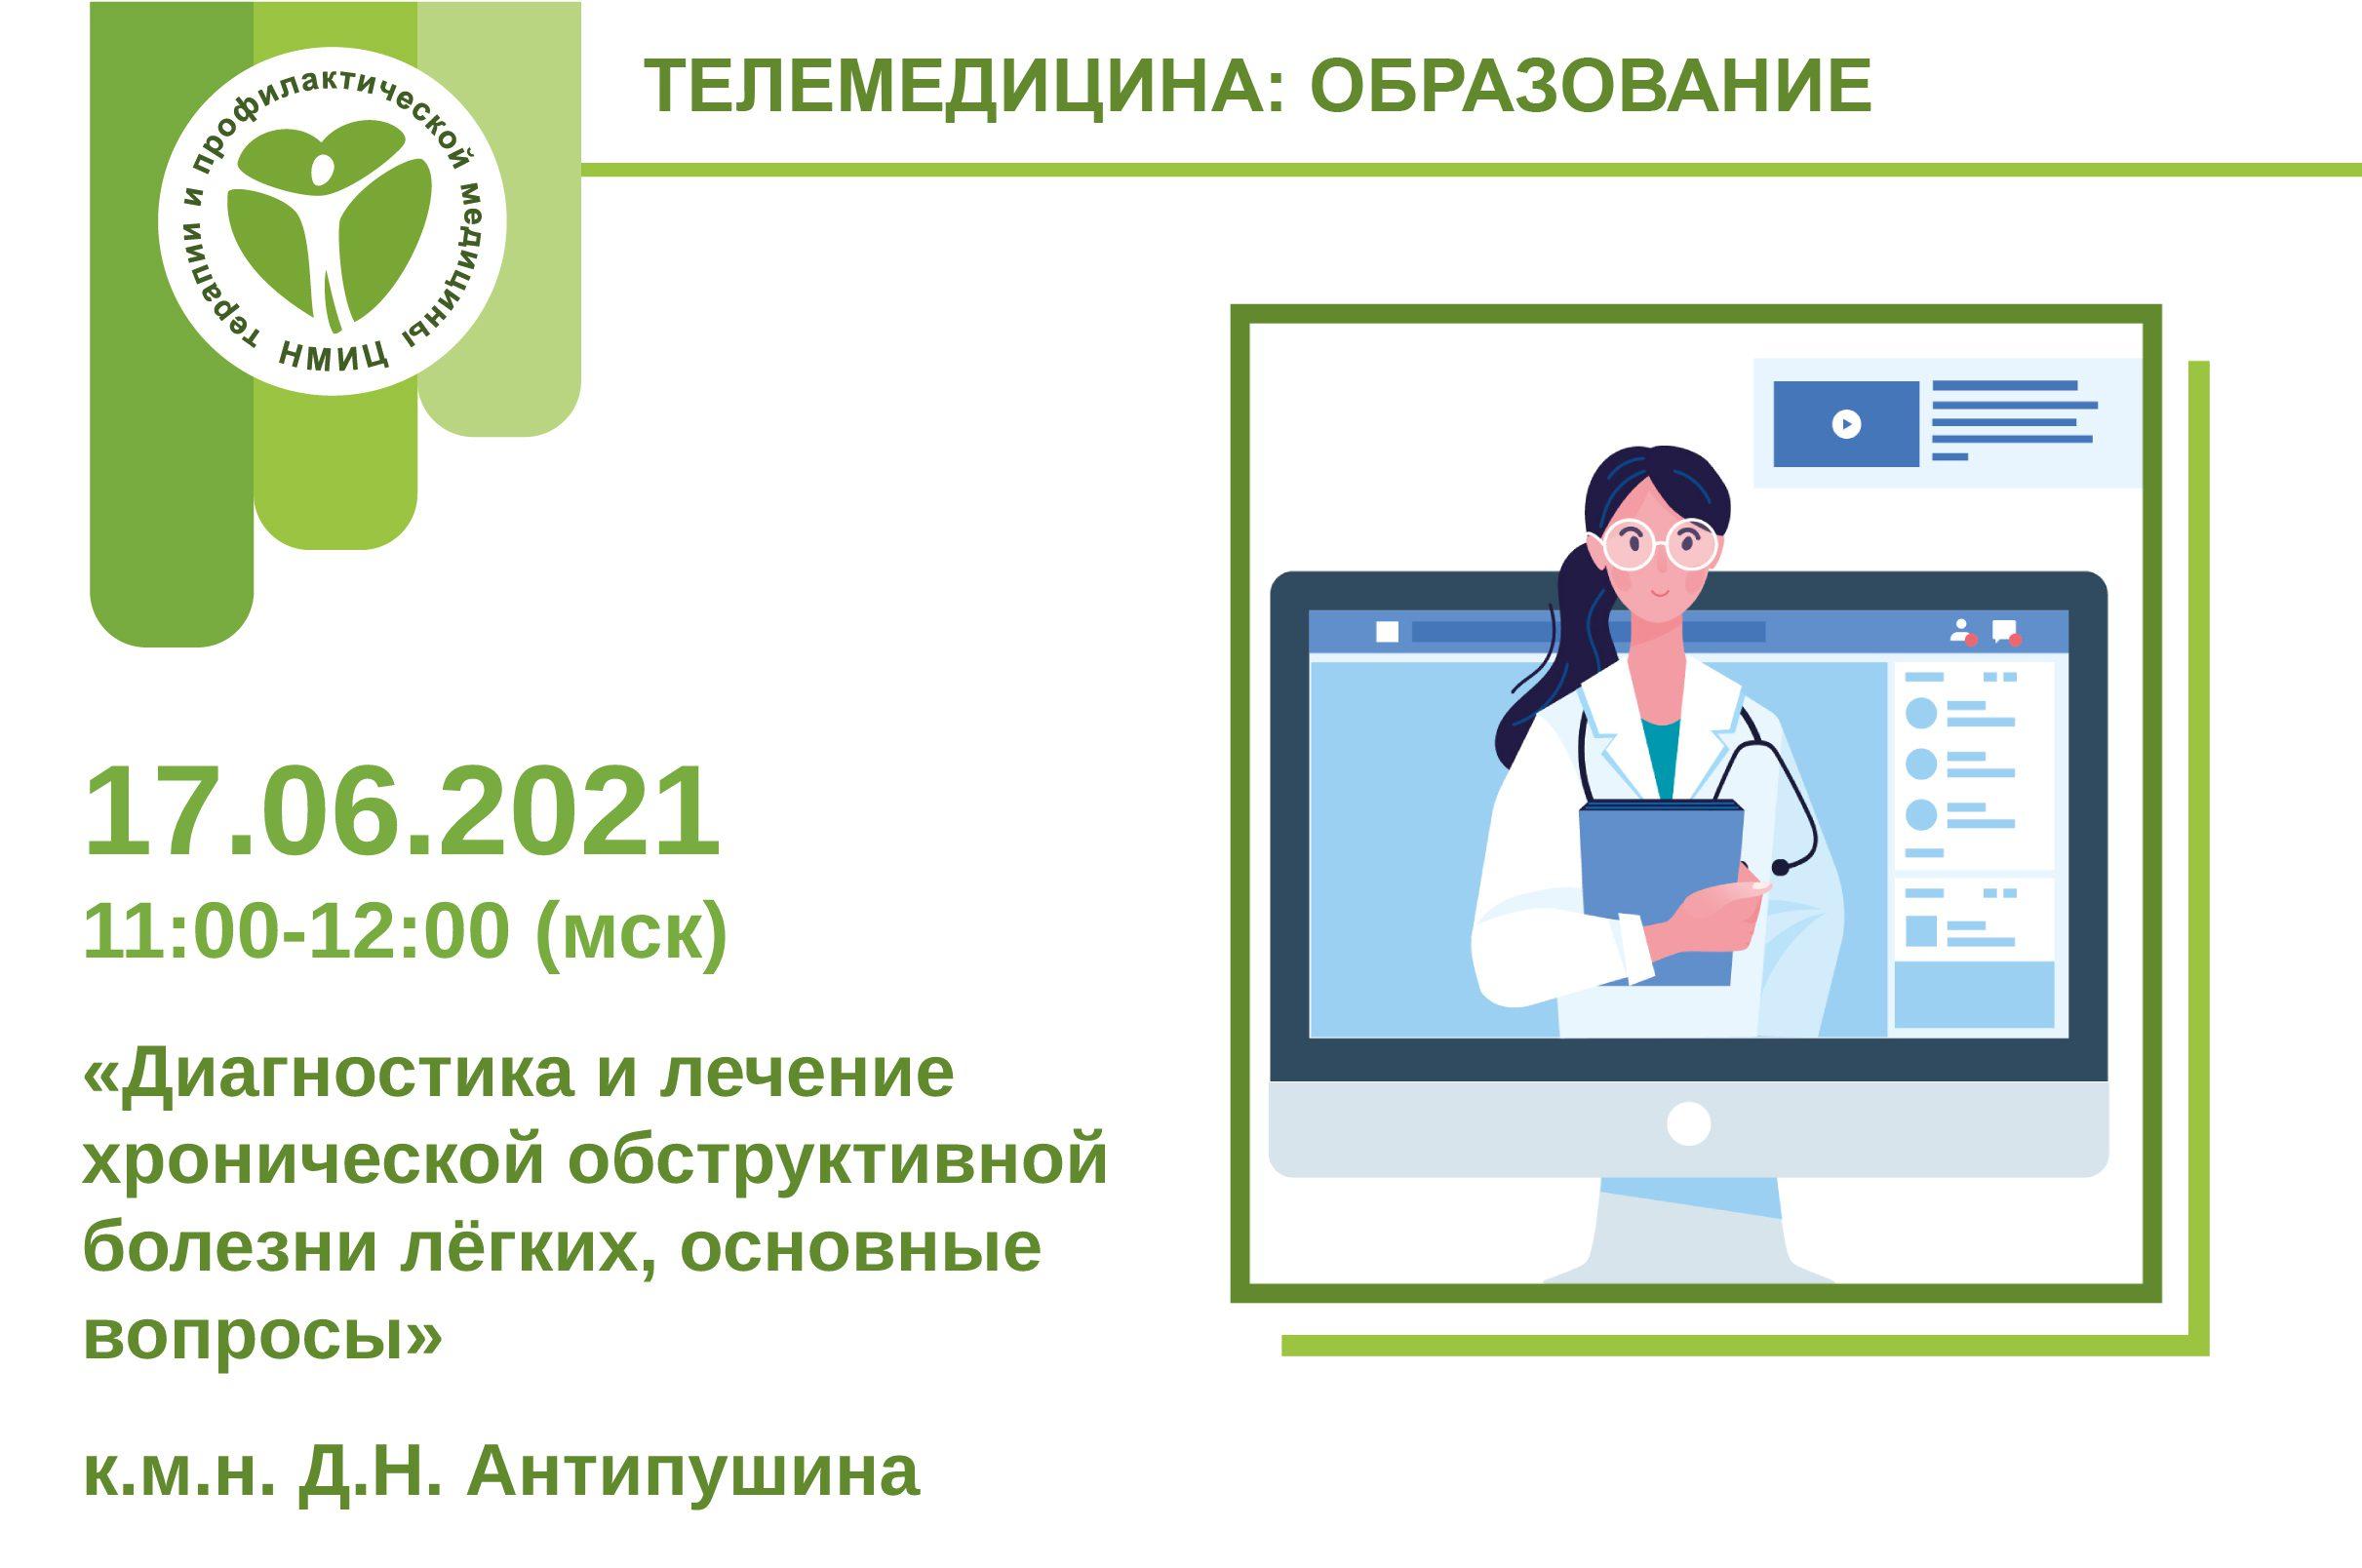 Диагностика и лечение хронической обструктивной болезни легких, основные вопросы 17.06.2021 11:00-12:00 (МСК)